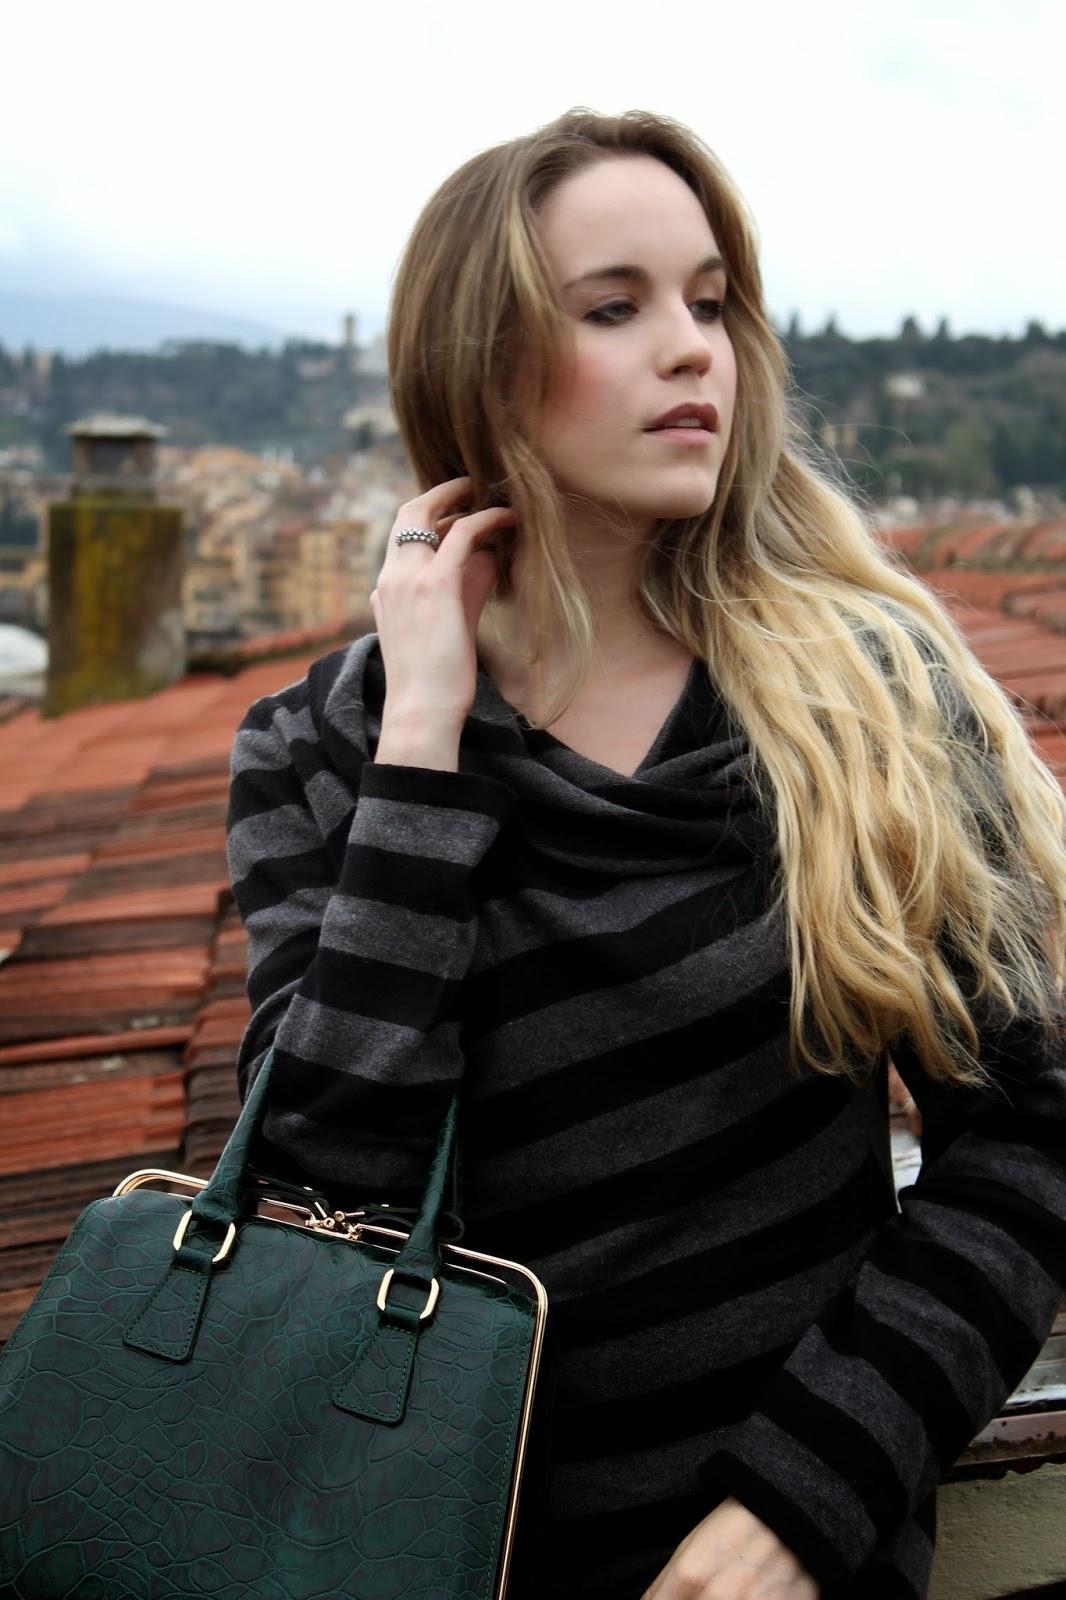 damiani ring, striped sweater